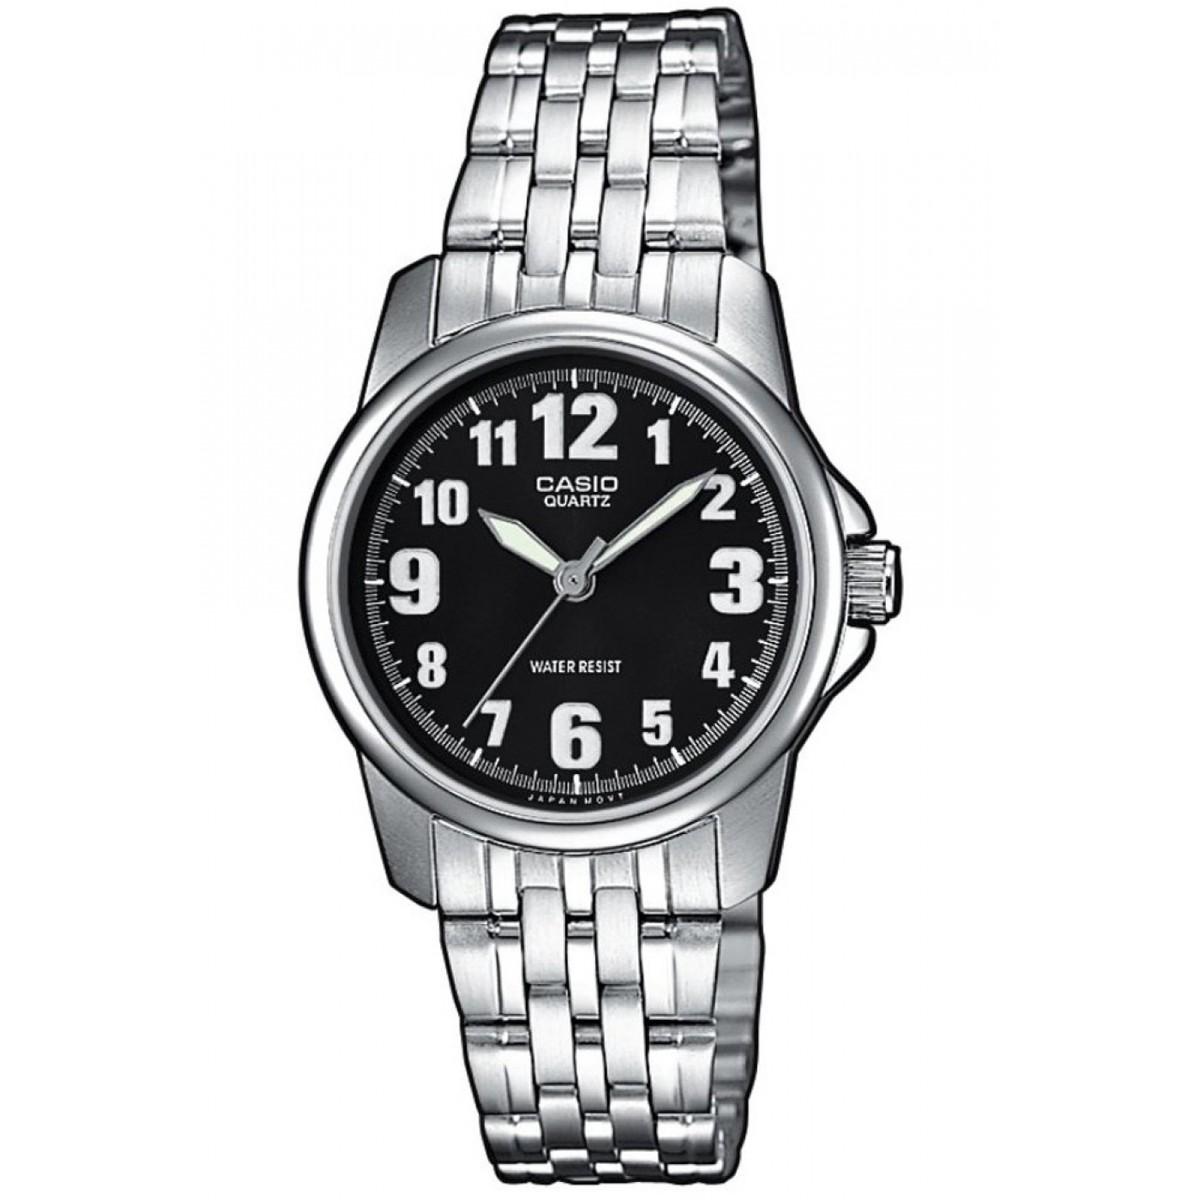 Ceas dama Casio Clasic LTP-1260PD-1B original de mana